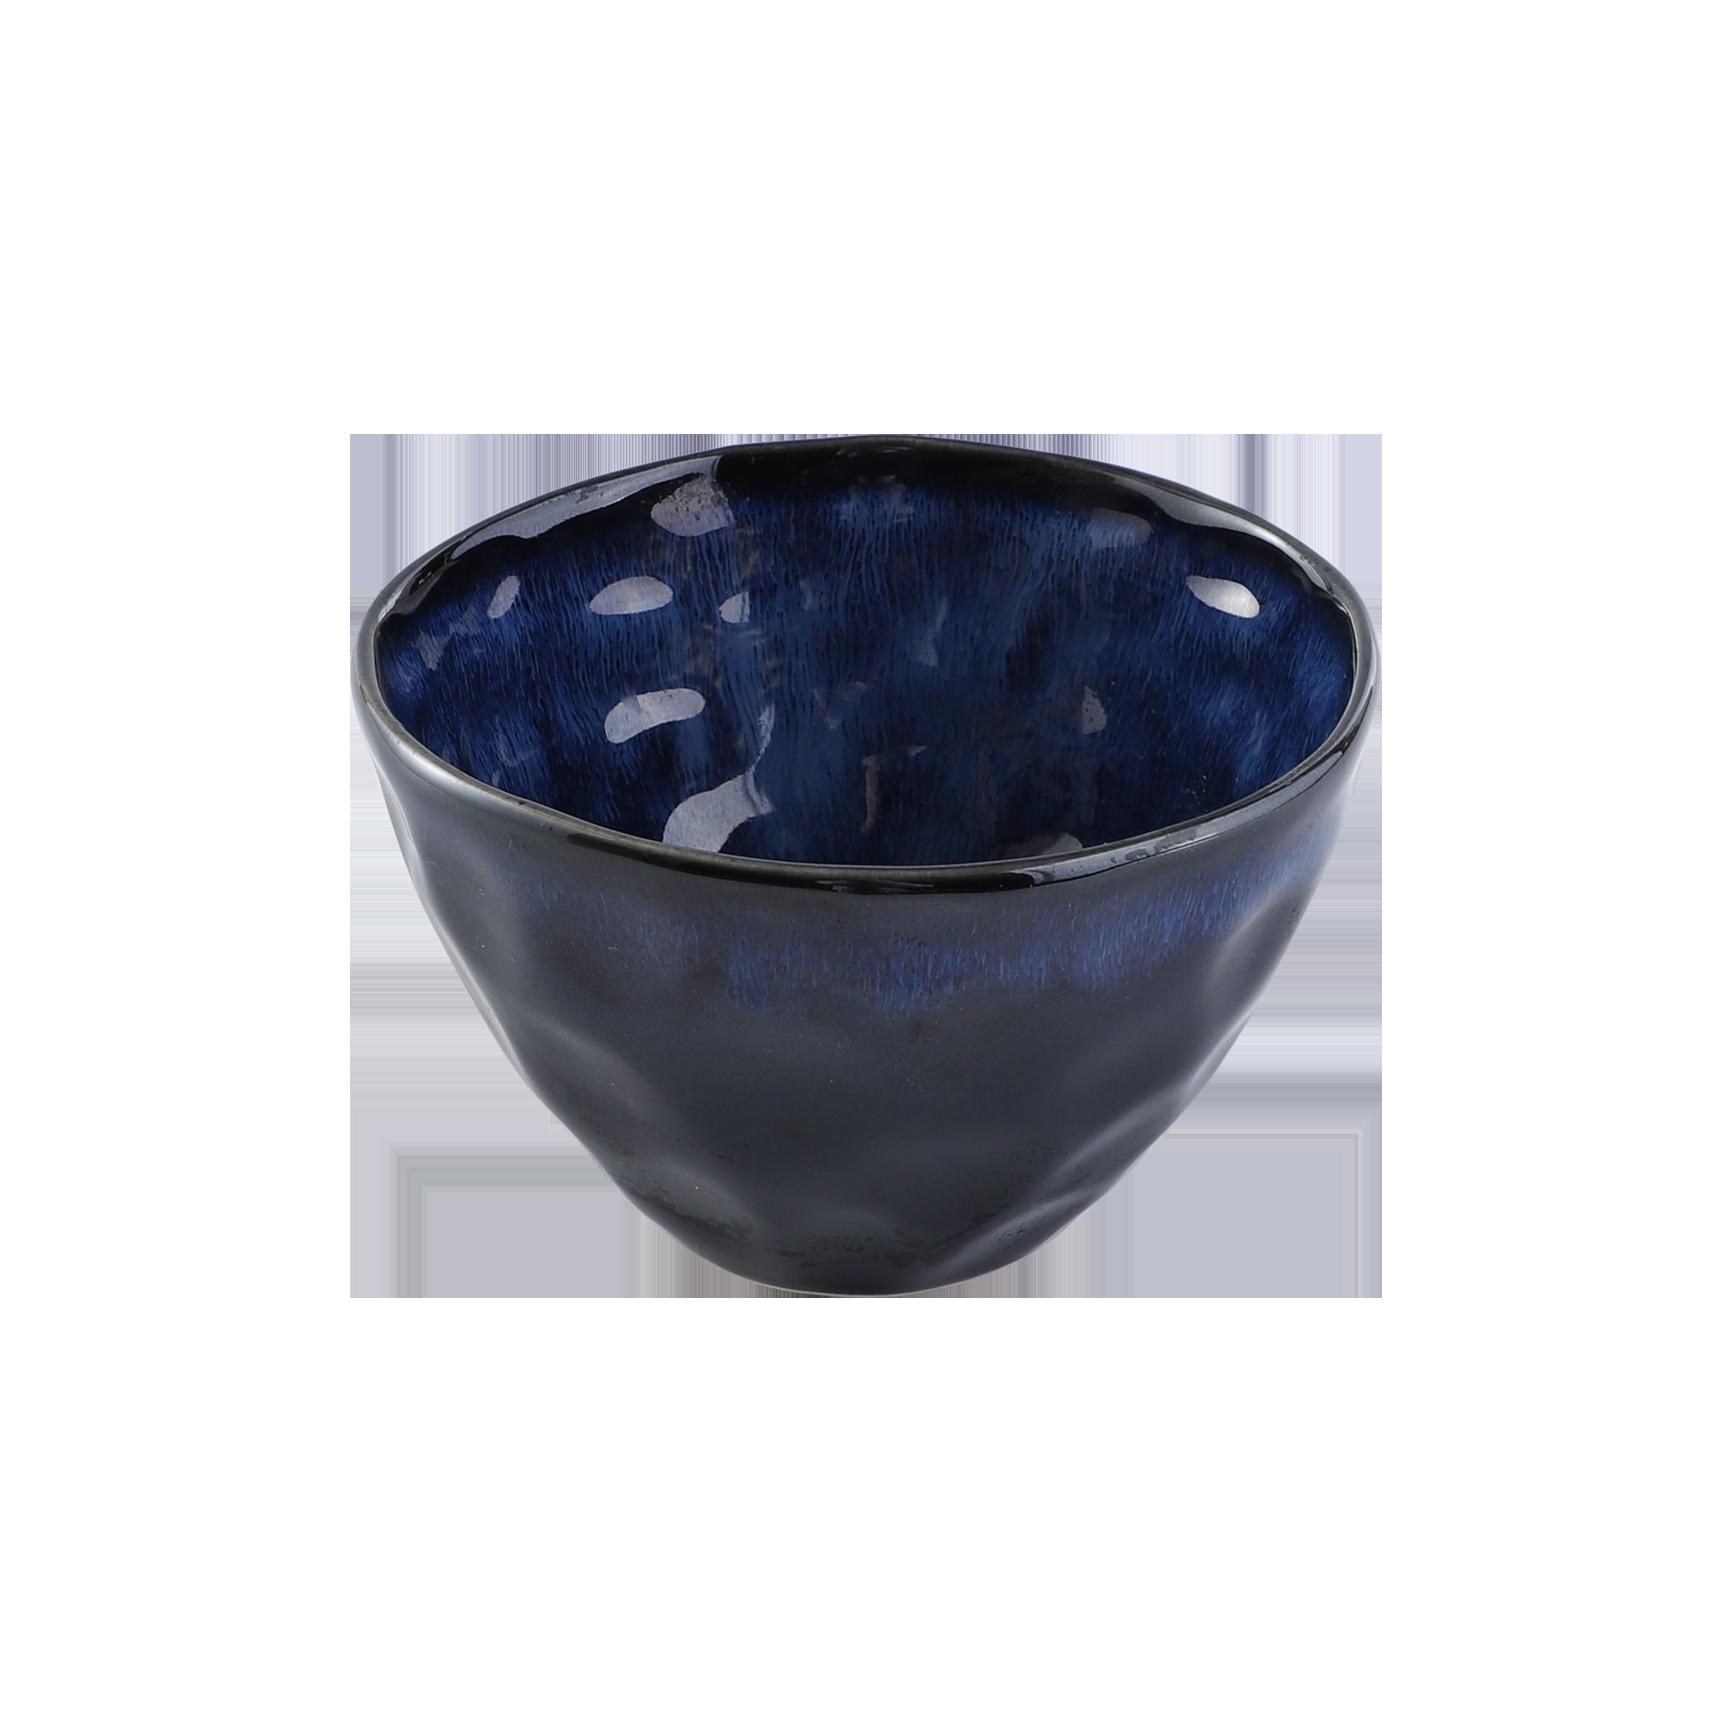 Irregular Noodle Bowl